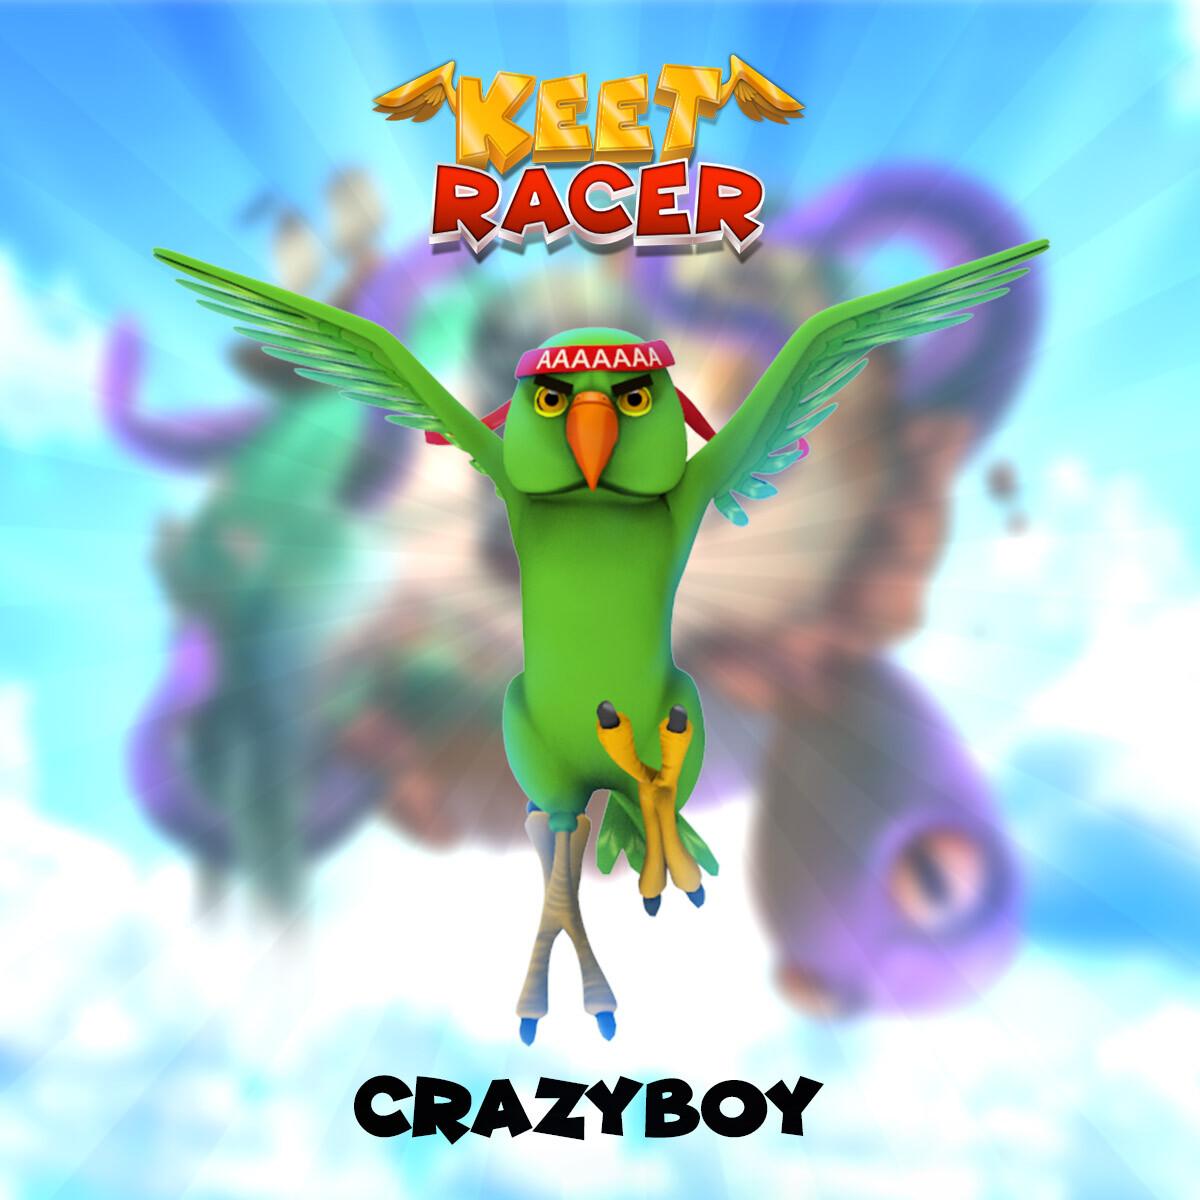 Crazyboy